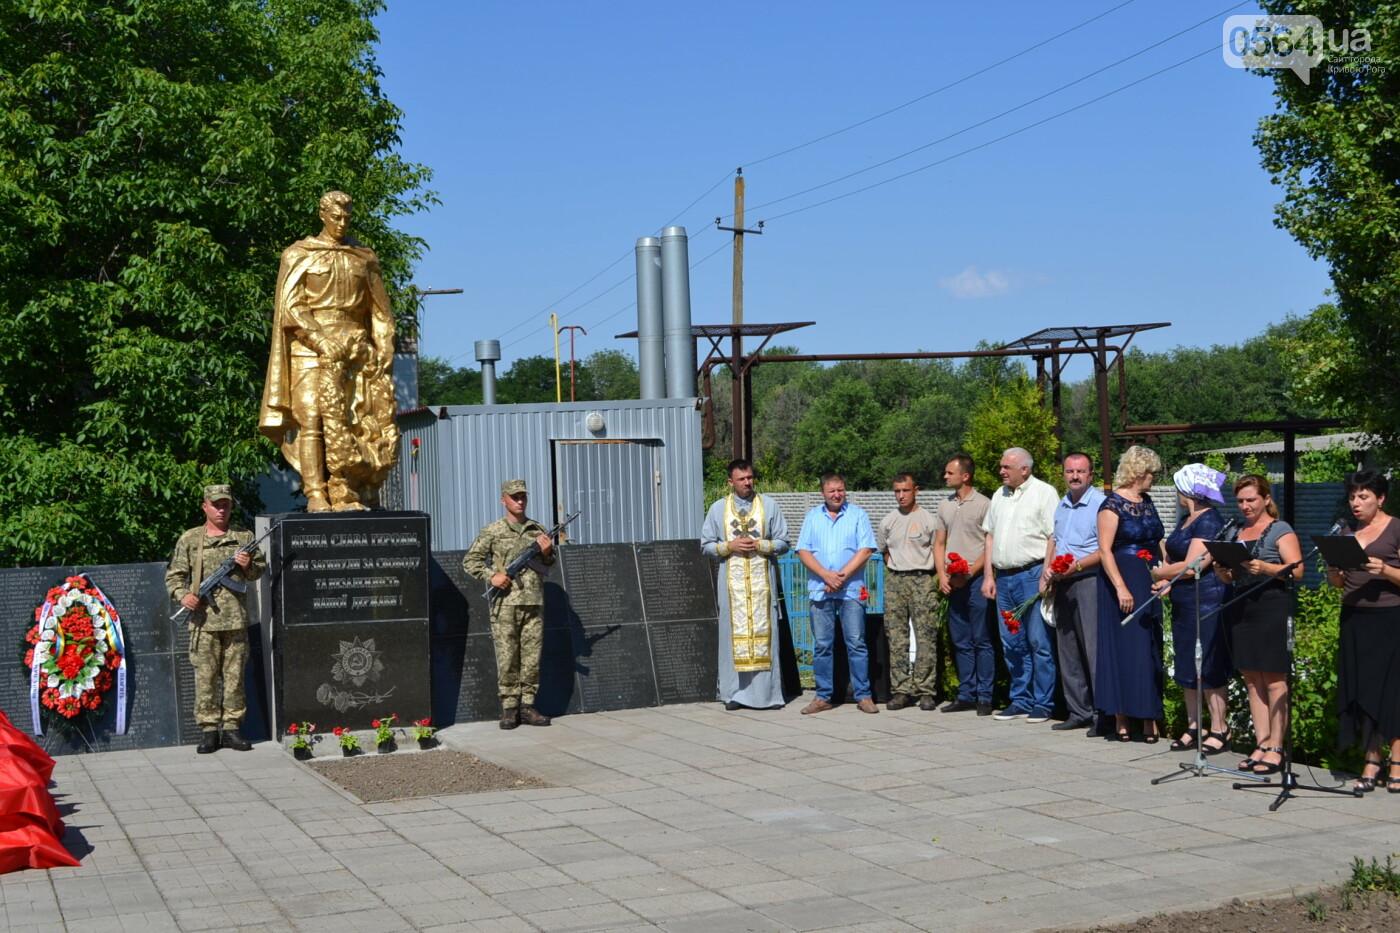 Вечная память! На Криворожье торжественно захоронили останки 43 воинов Второй мировой, - ФОТО, ВИДЕО, фото-12